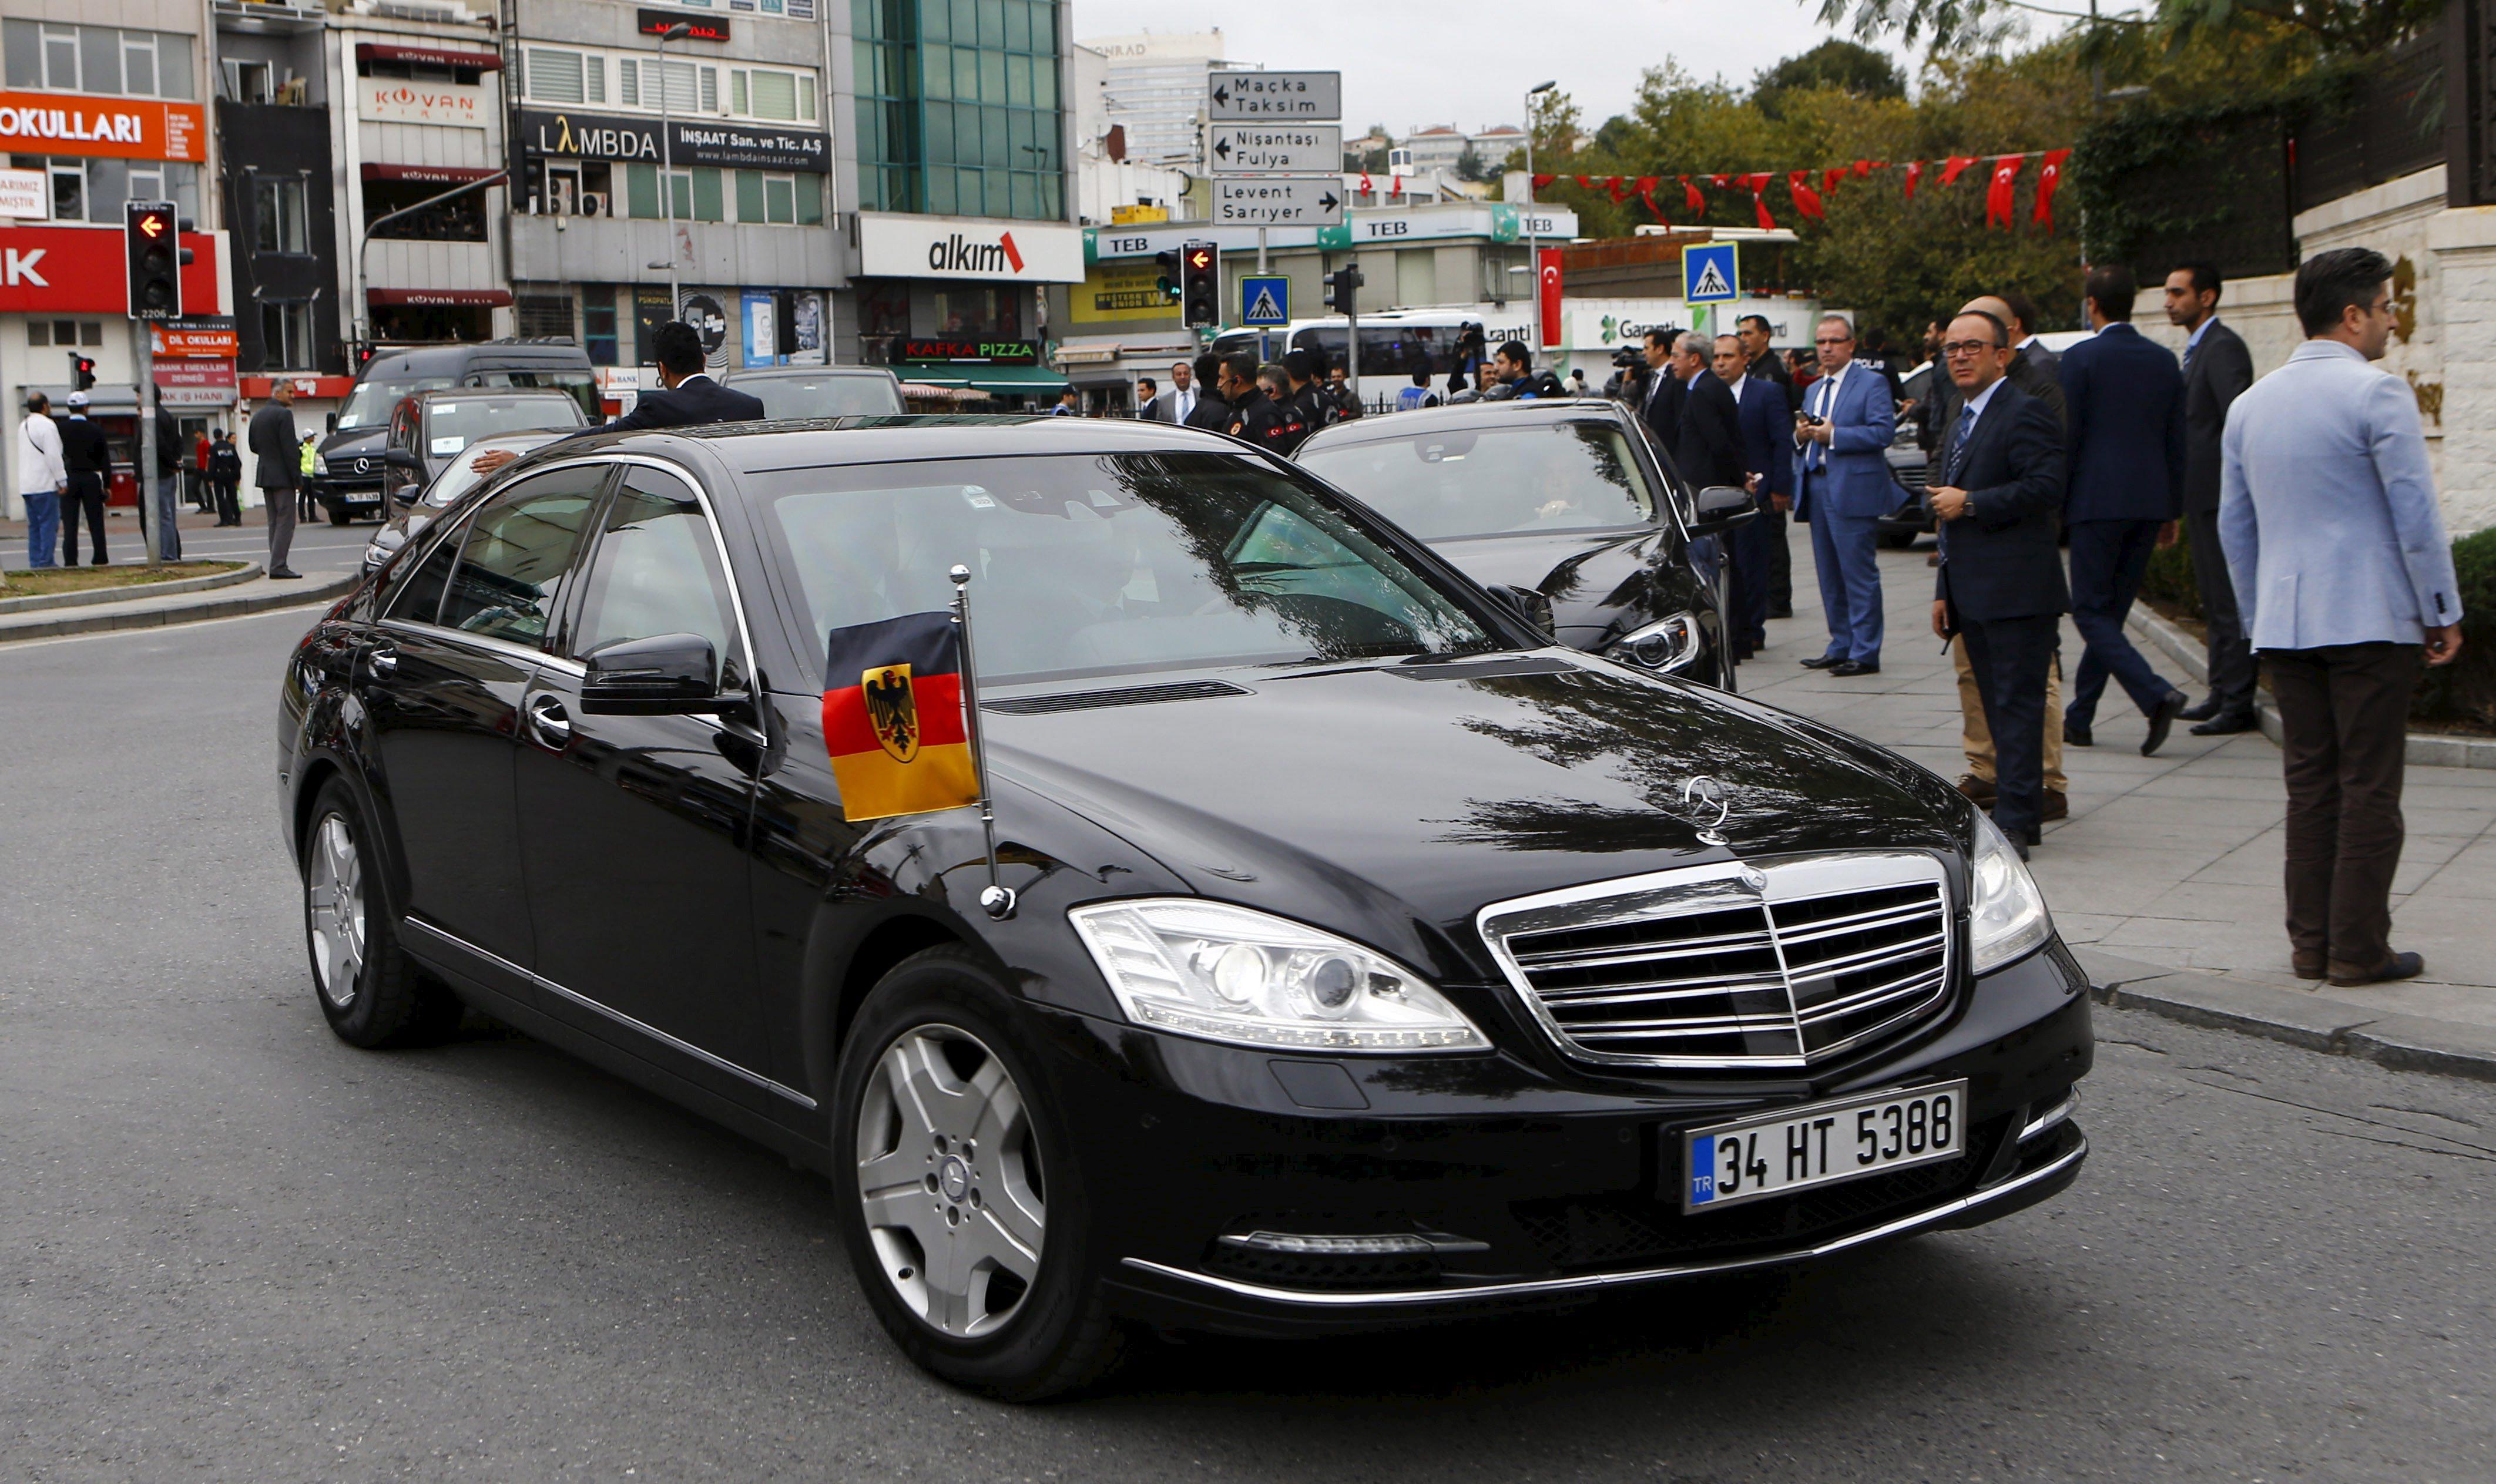 Los coches oficiales de los presidentes del mundo